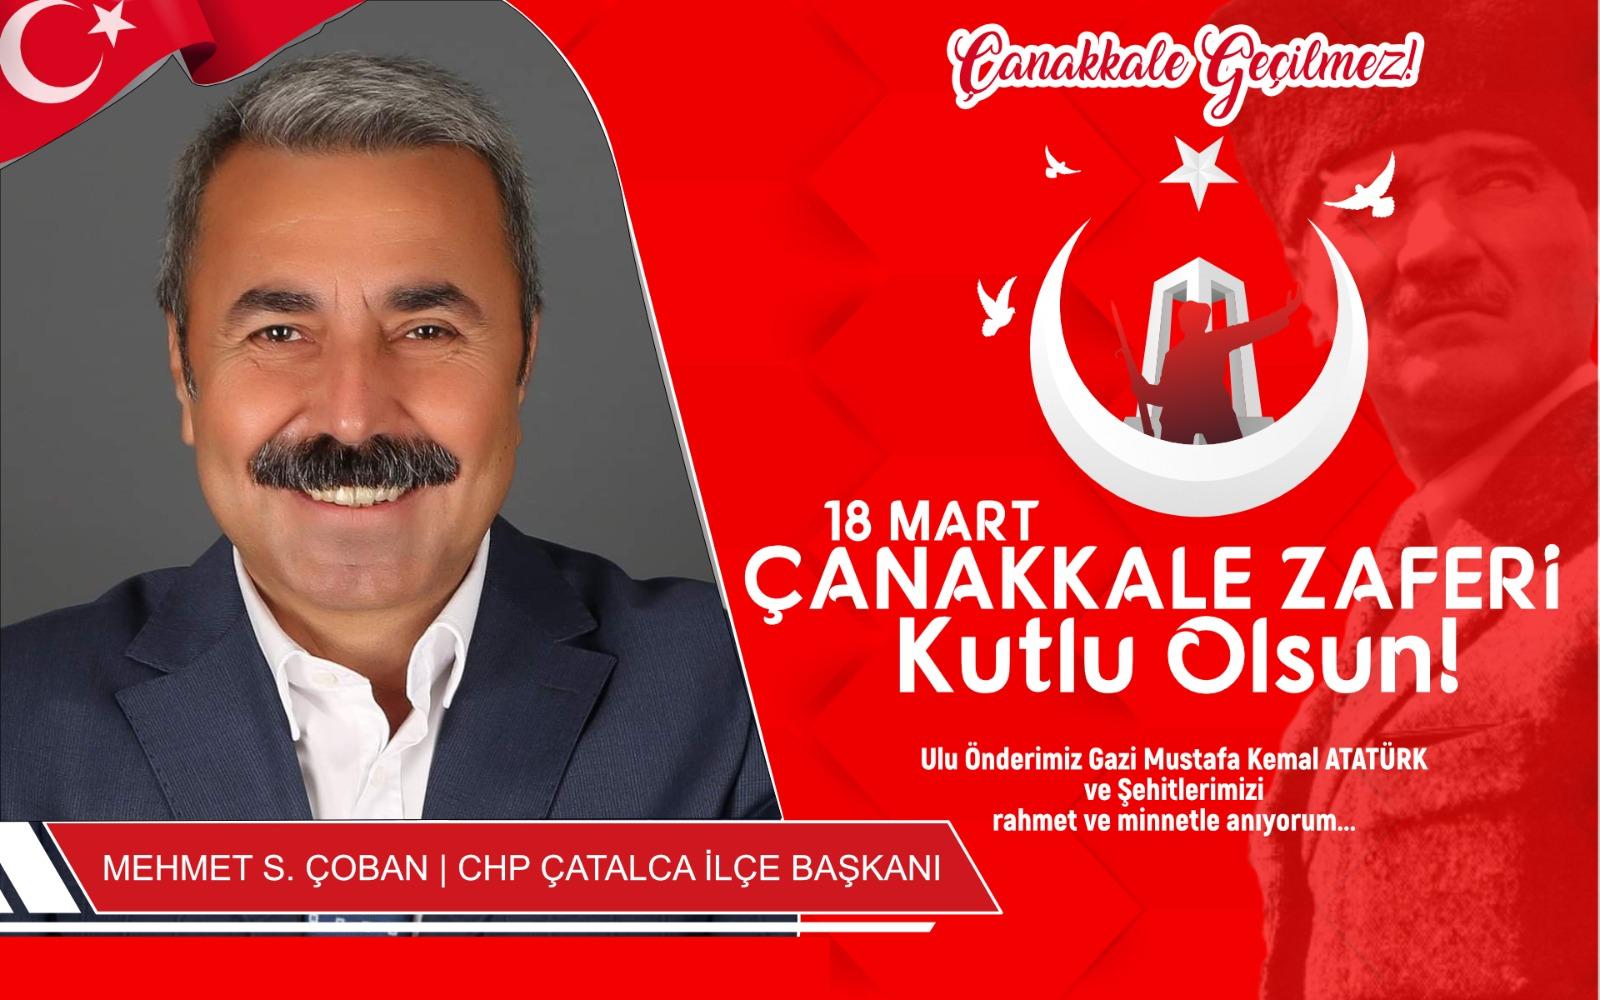 CHP Çatalca İlçe Başkanı Mehmet S.Çoban'dan Kutlama ve Anma Mesajı